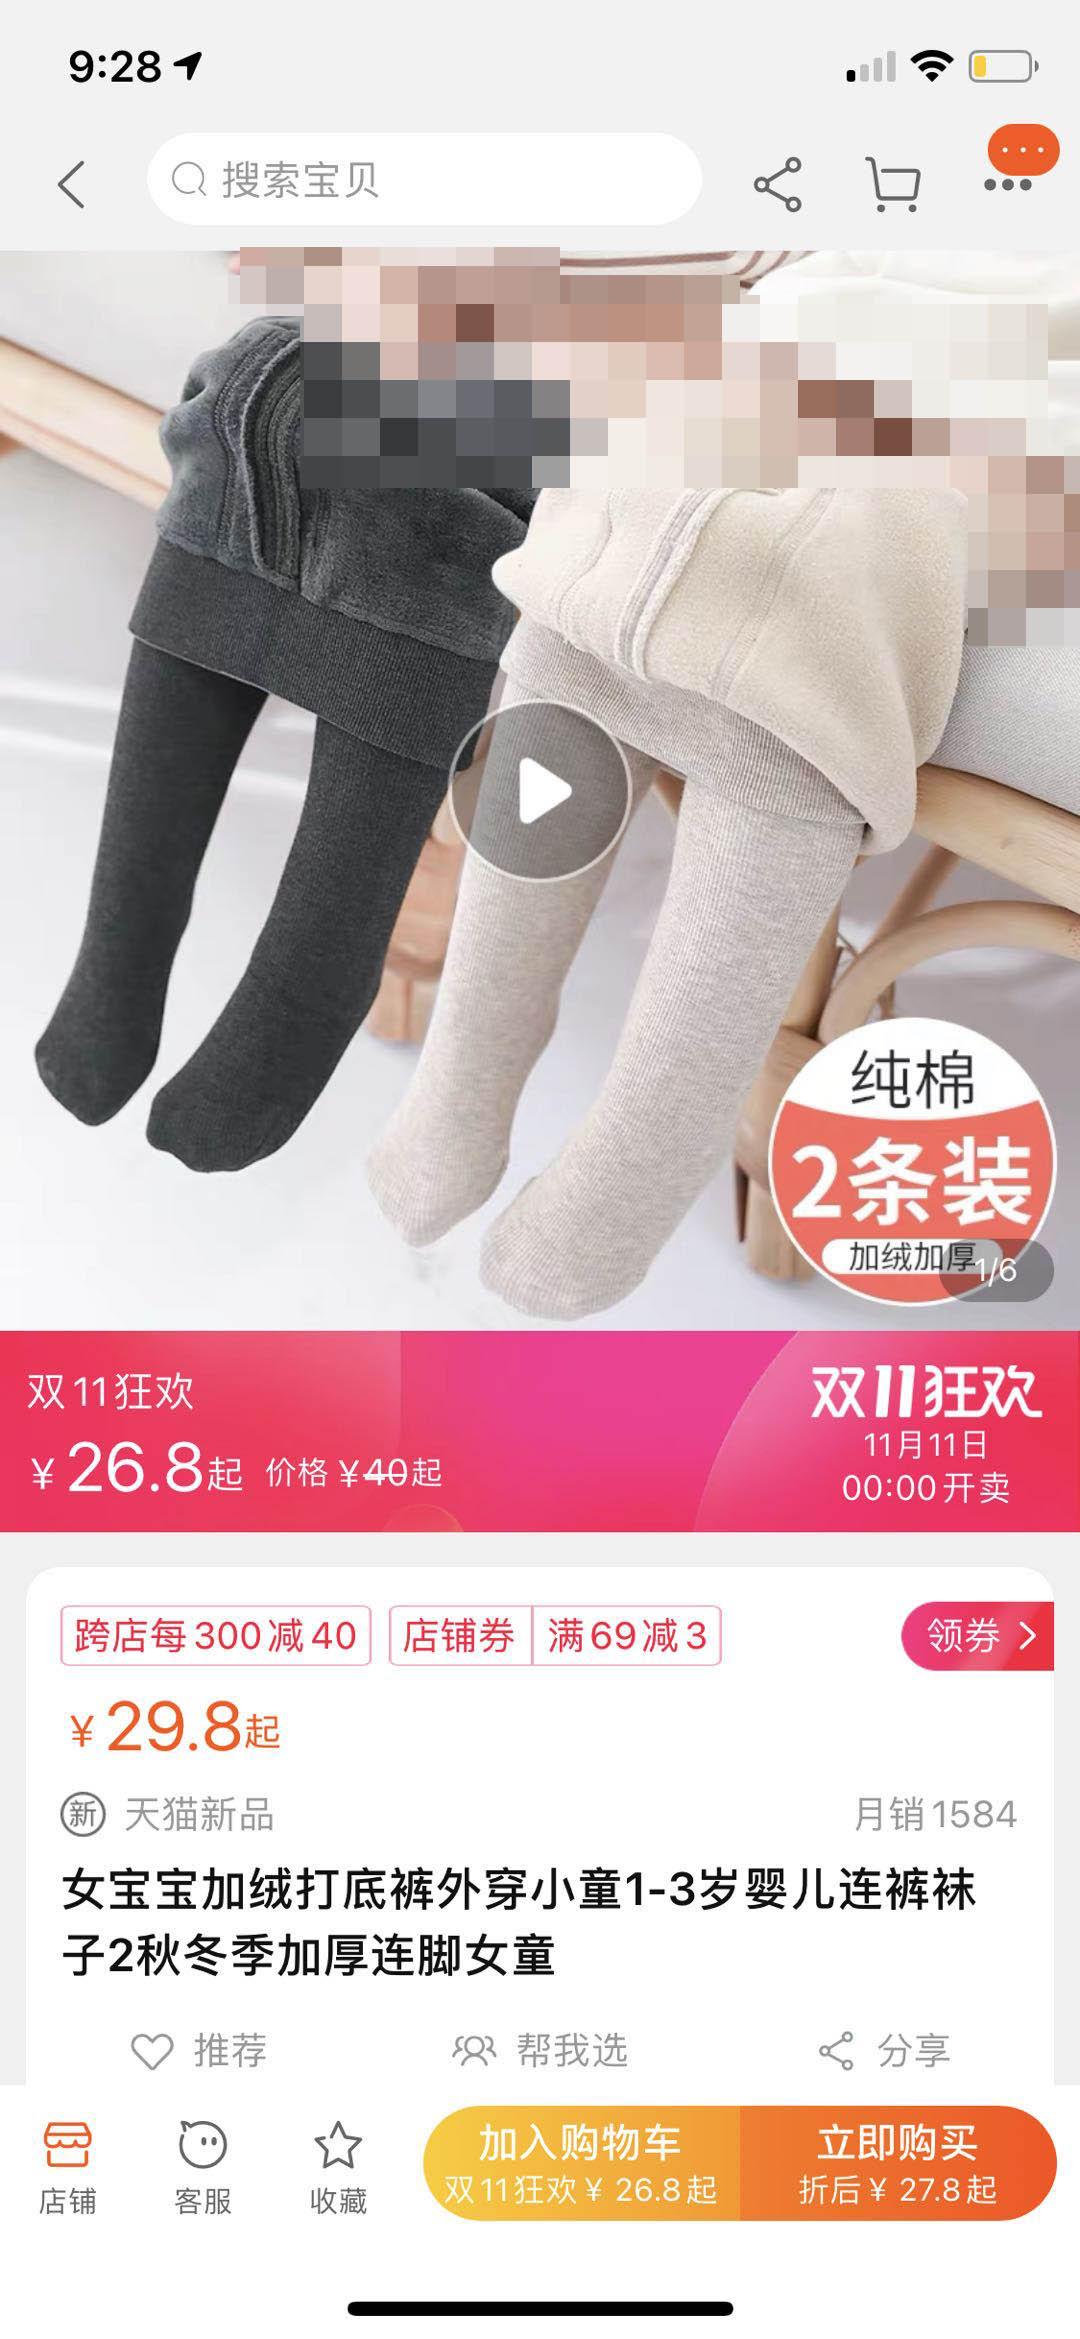 网店展示的儿童裤袜被指不妥 淘宝截图